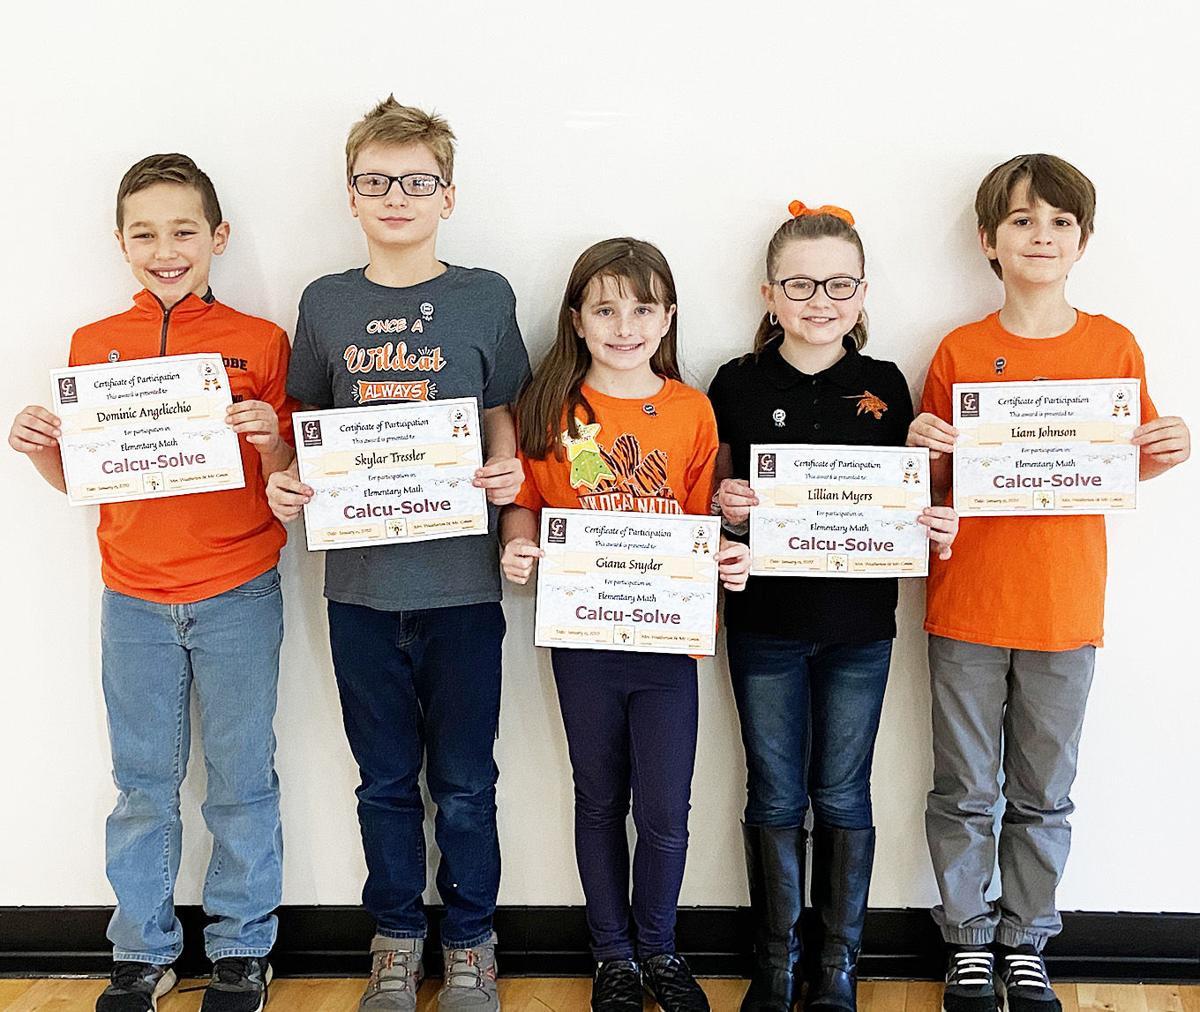 GL students participate in 'Calcu-Solve' event